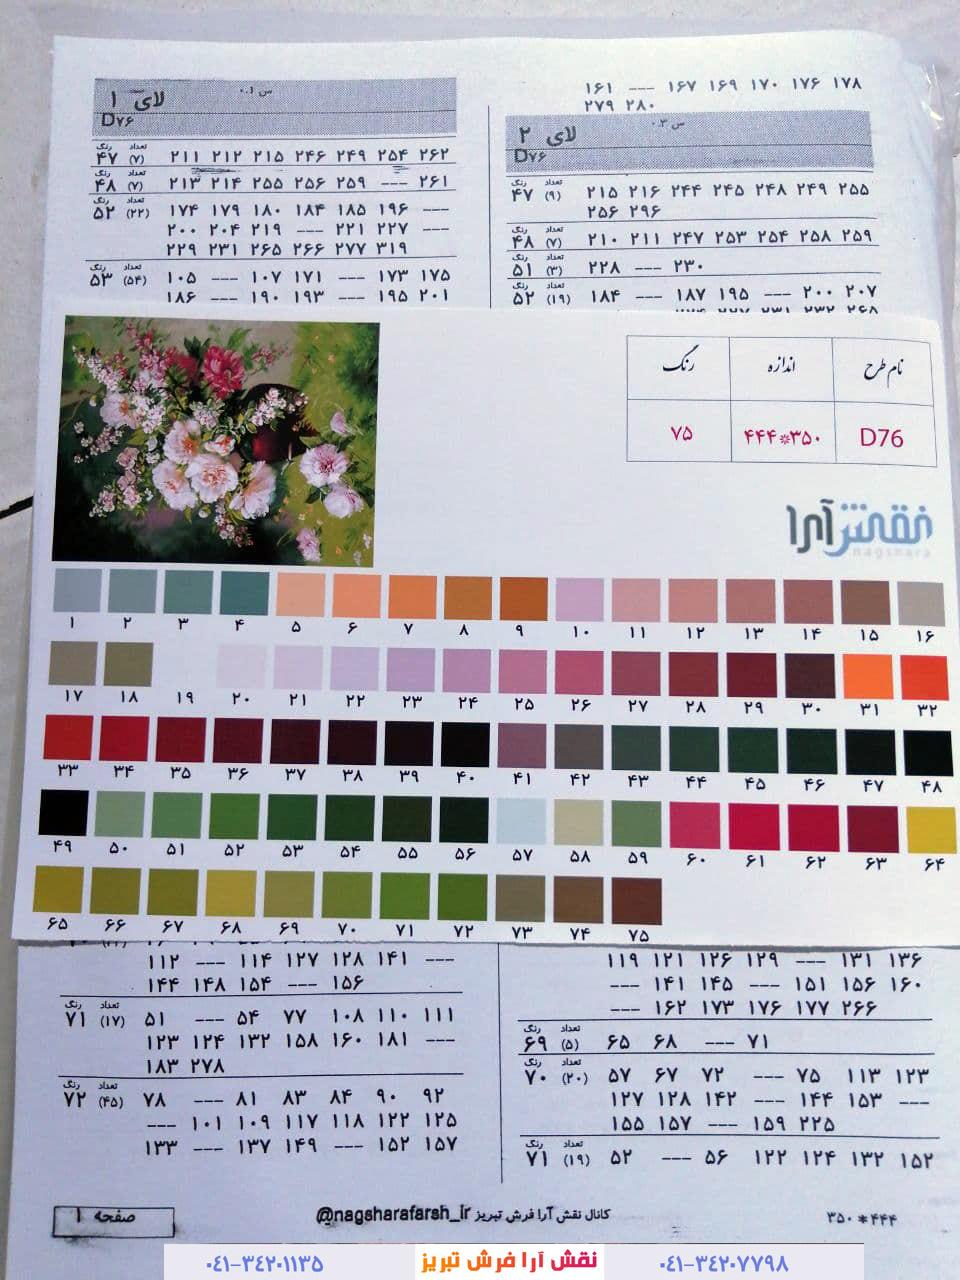 نقشه کامپیوتری تابلوفرش تبریز نقشه فرش نقشه عددی تابلو فرش نقشه گلدان